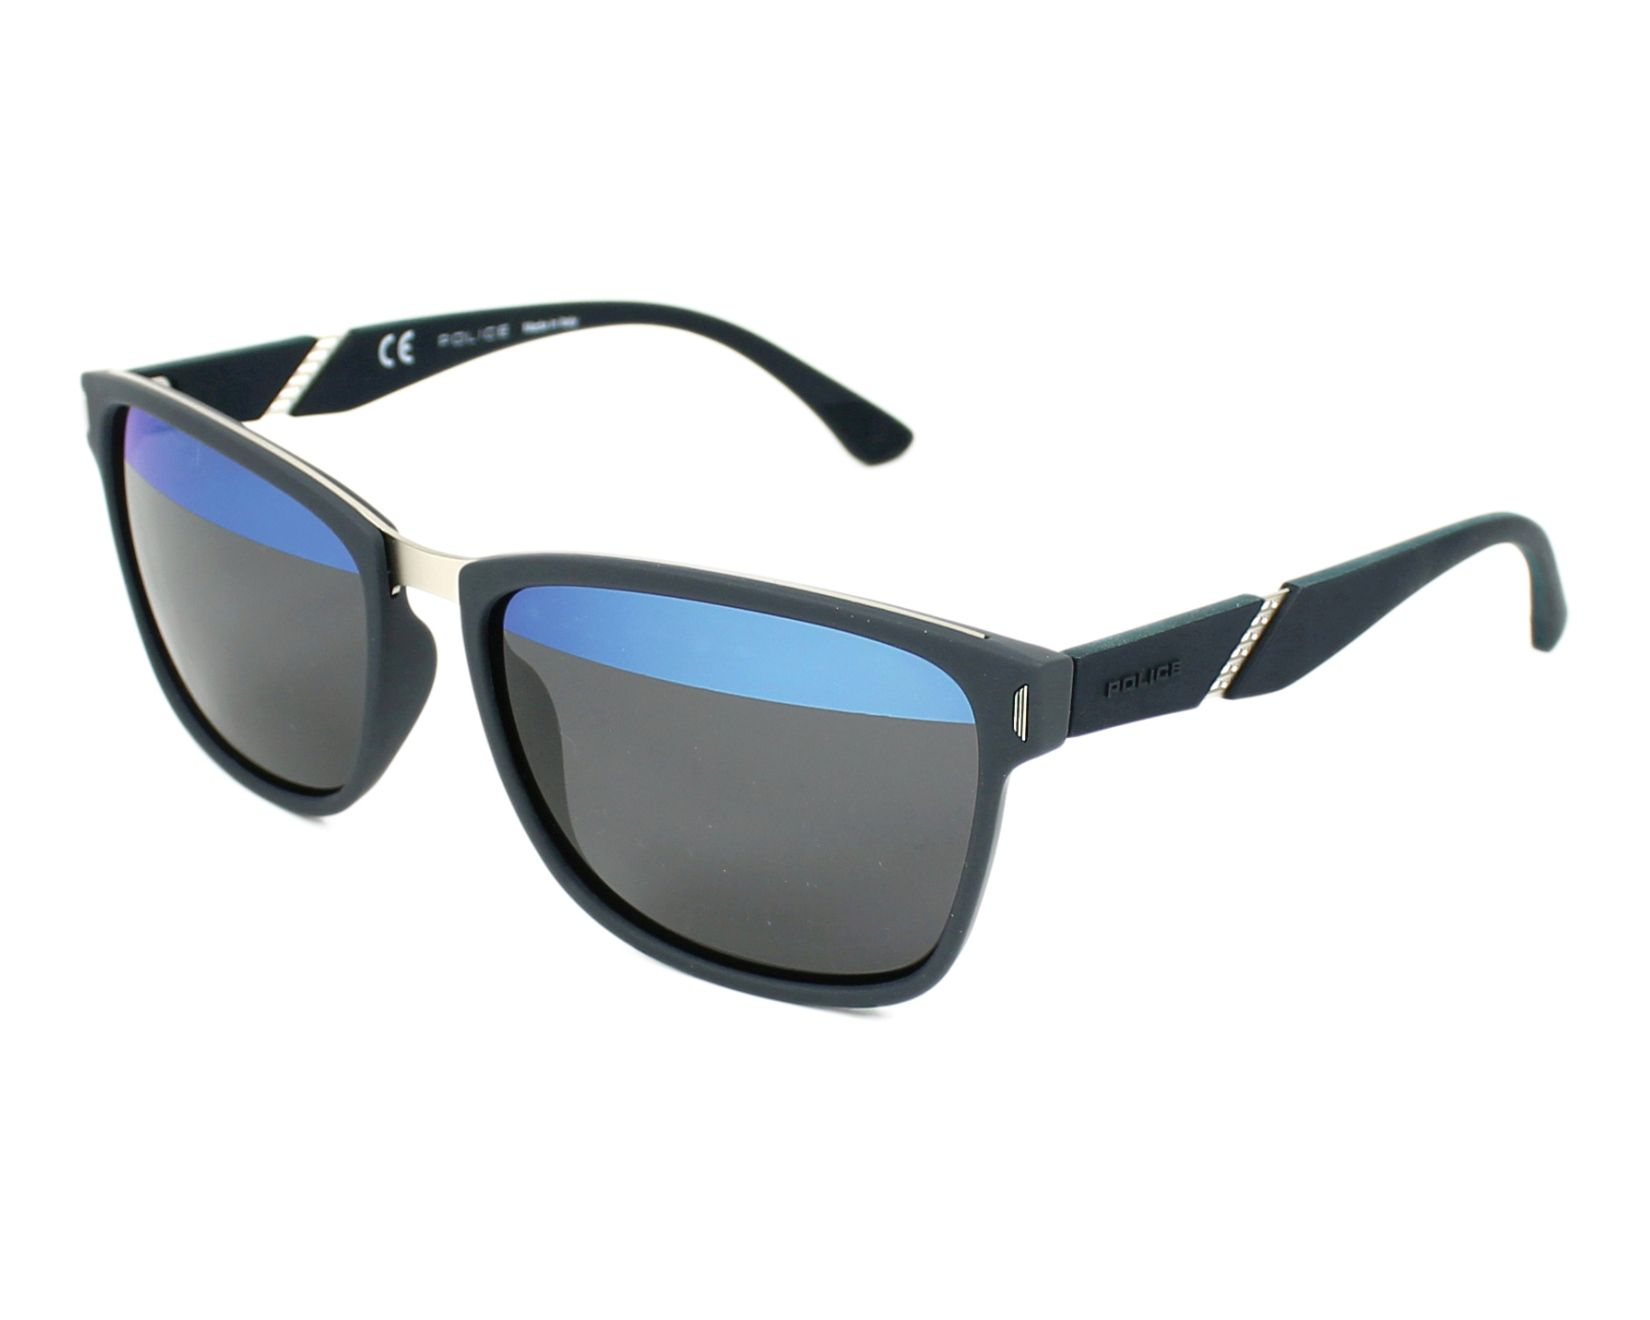 lunettes de soleil police spl 350 92eh bleu avec des verres gris pour hommes. Black Bedroom Furniture Sets. Home Design Ideas